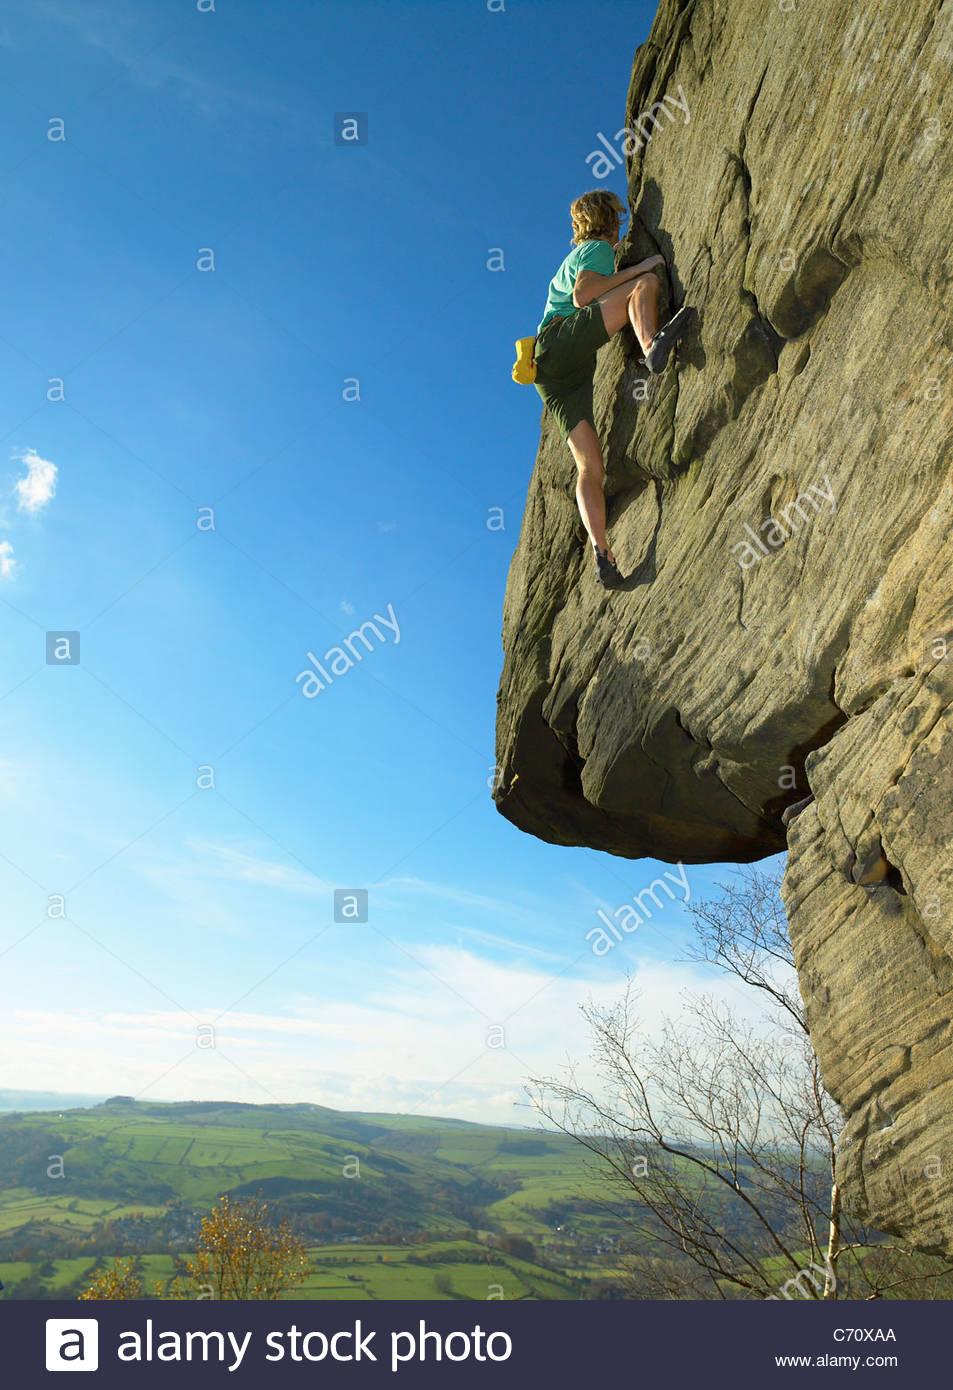 Man climbing rock face - Stock Image